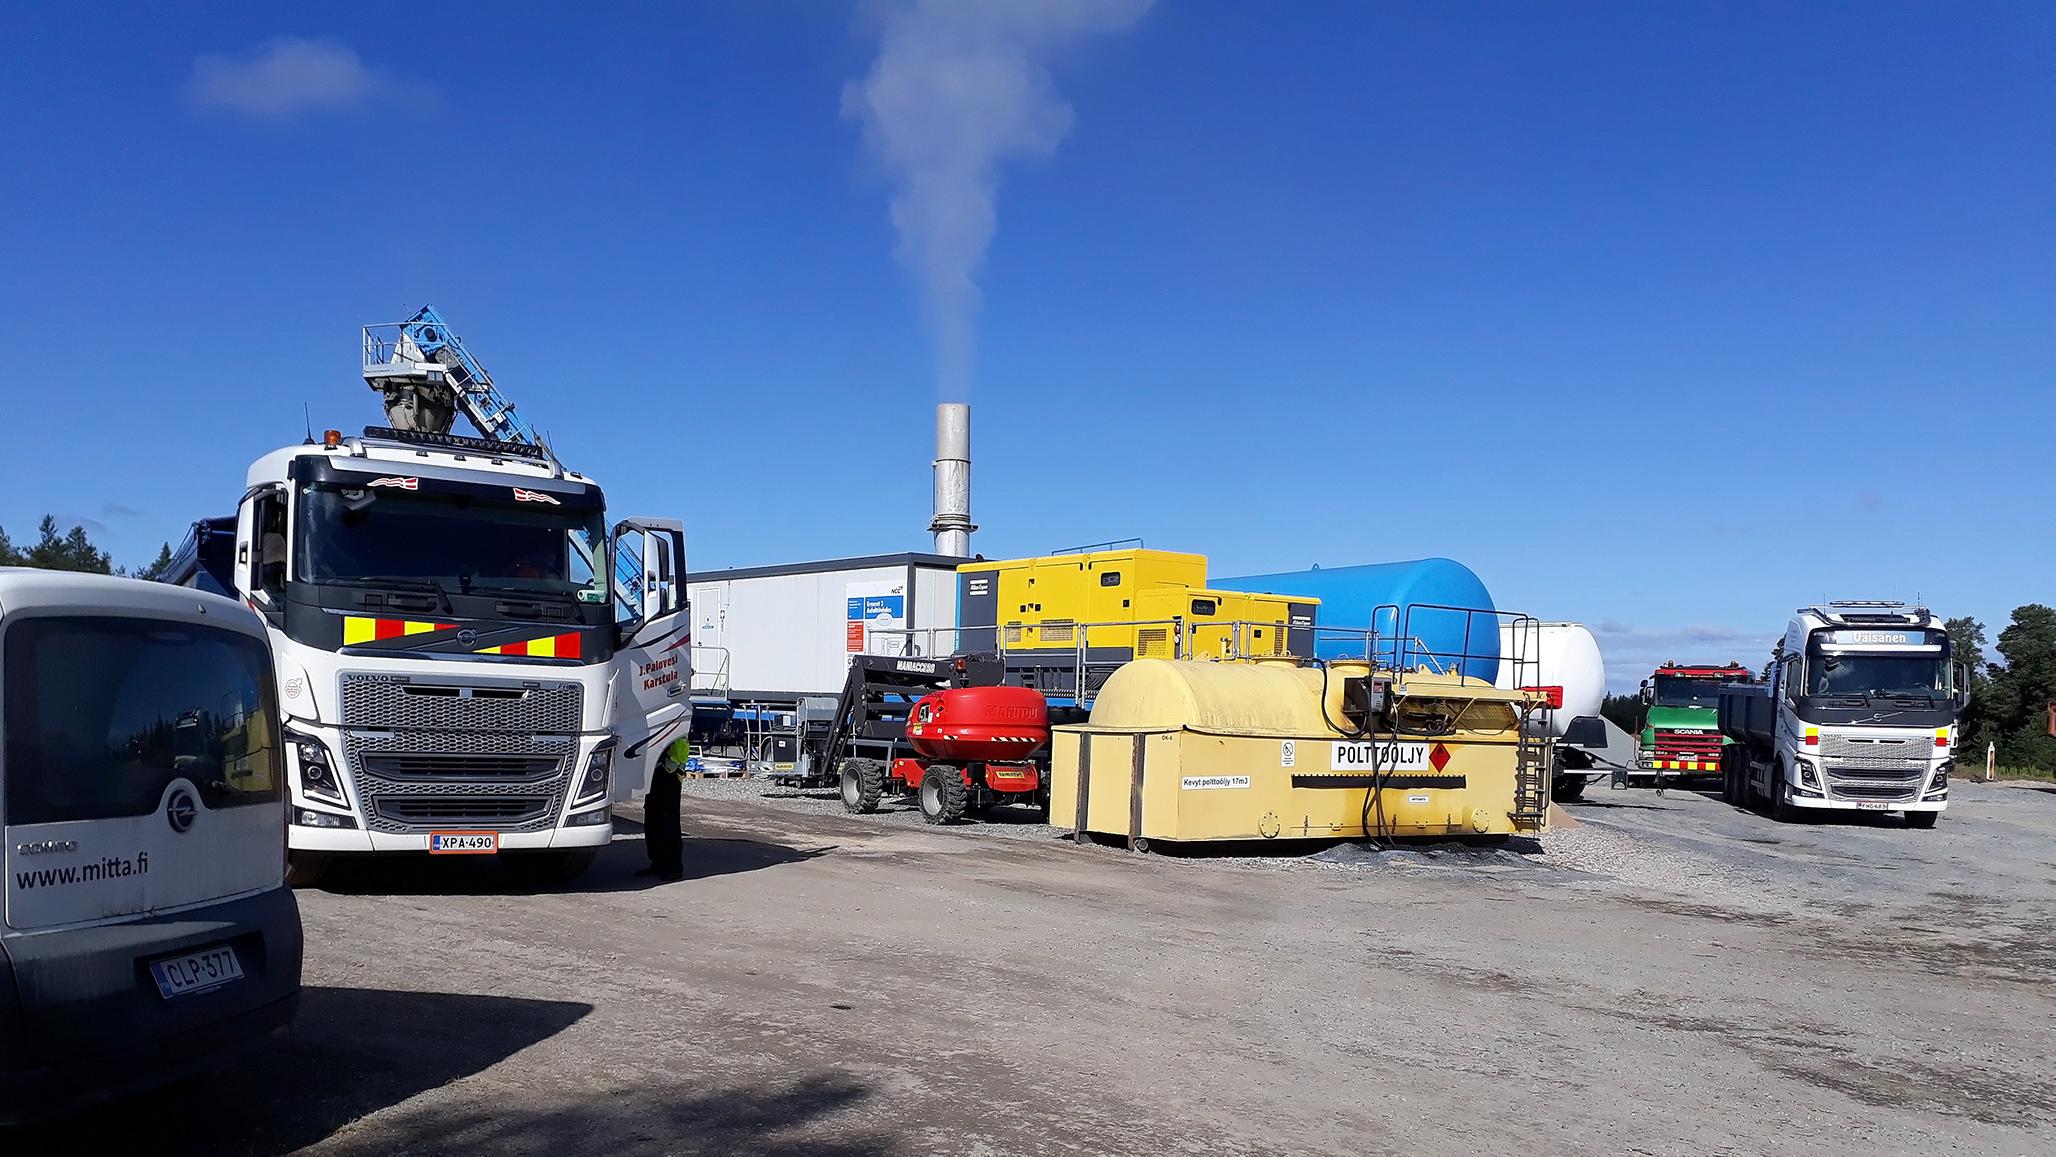 Kuorma-autoja on pysäköity öljysäiliöiden ja savuavan piipun ympärille. Taivas on sininen.